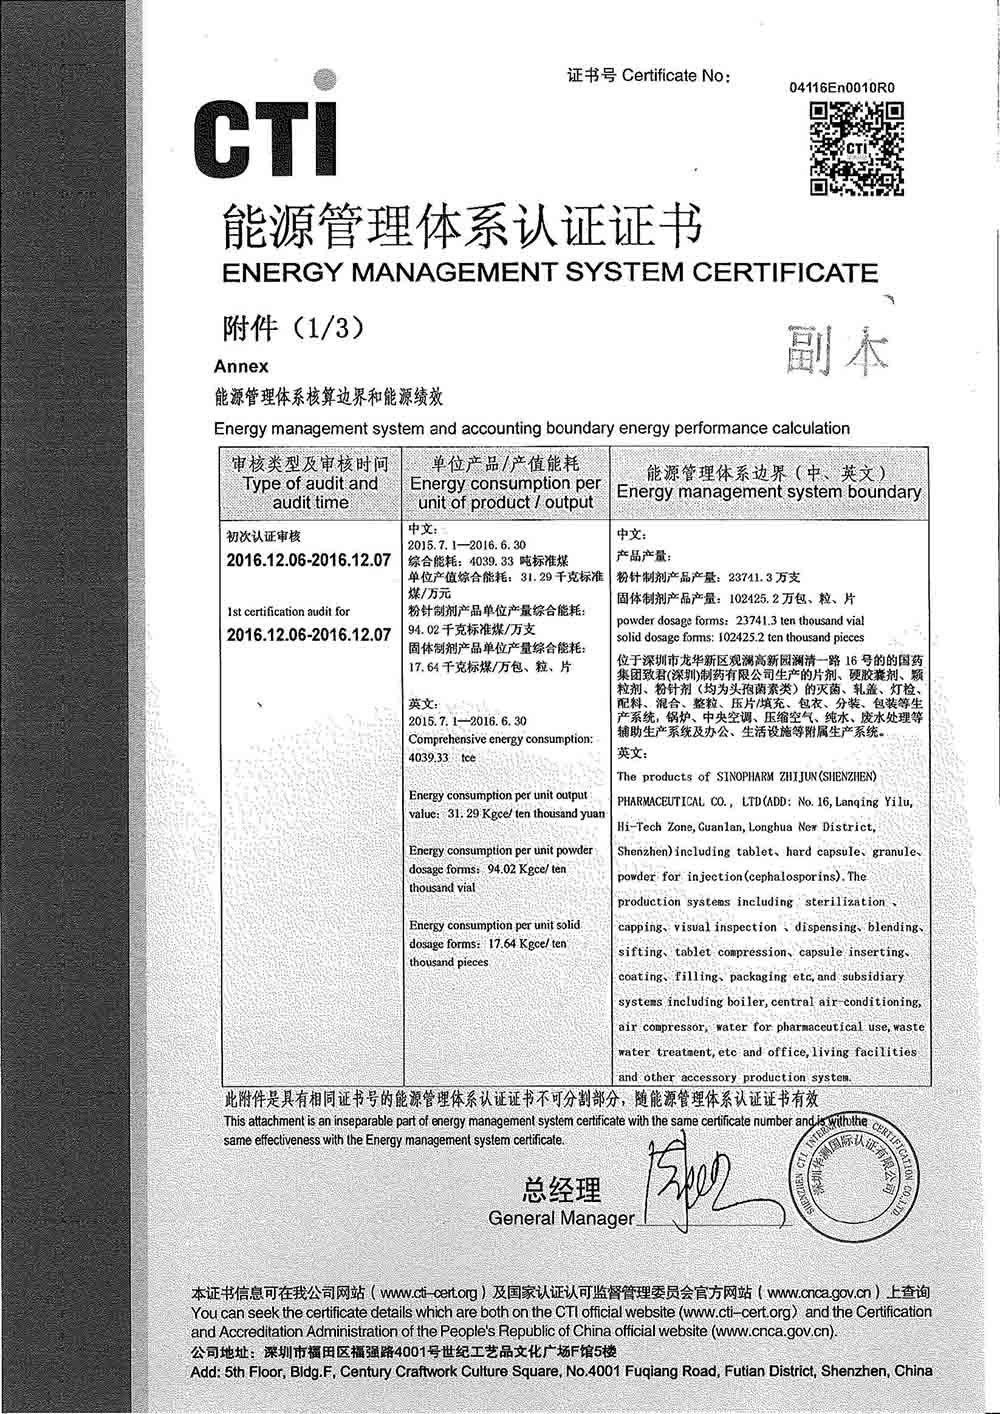 能源管理体系证书